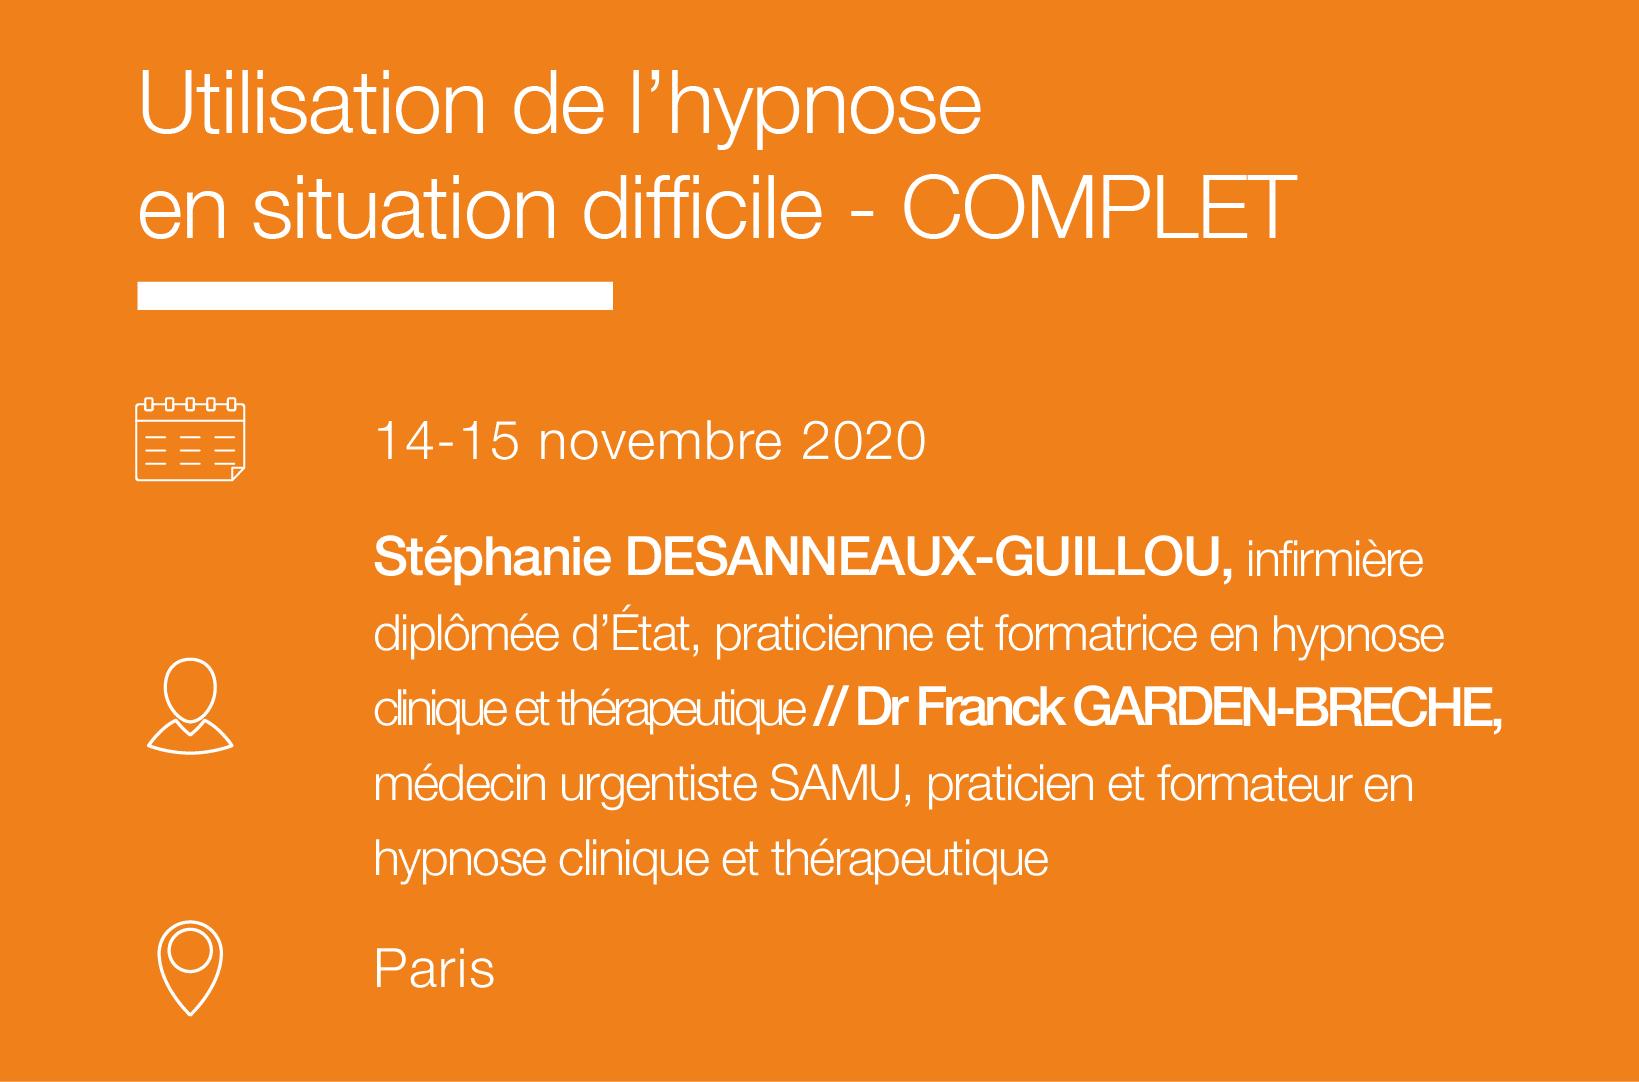 Seminaire Utilisation de l hypnose en situation difficile IFH